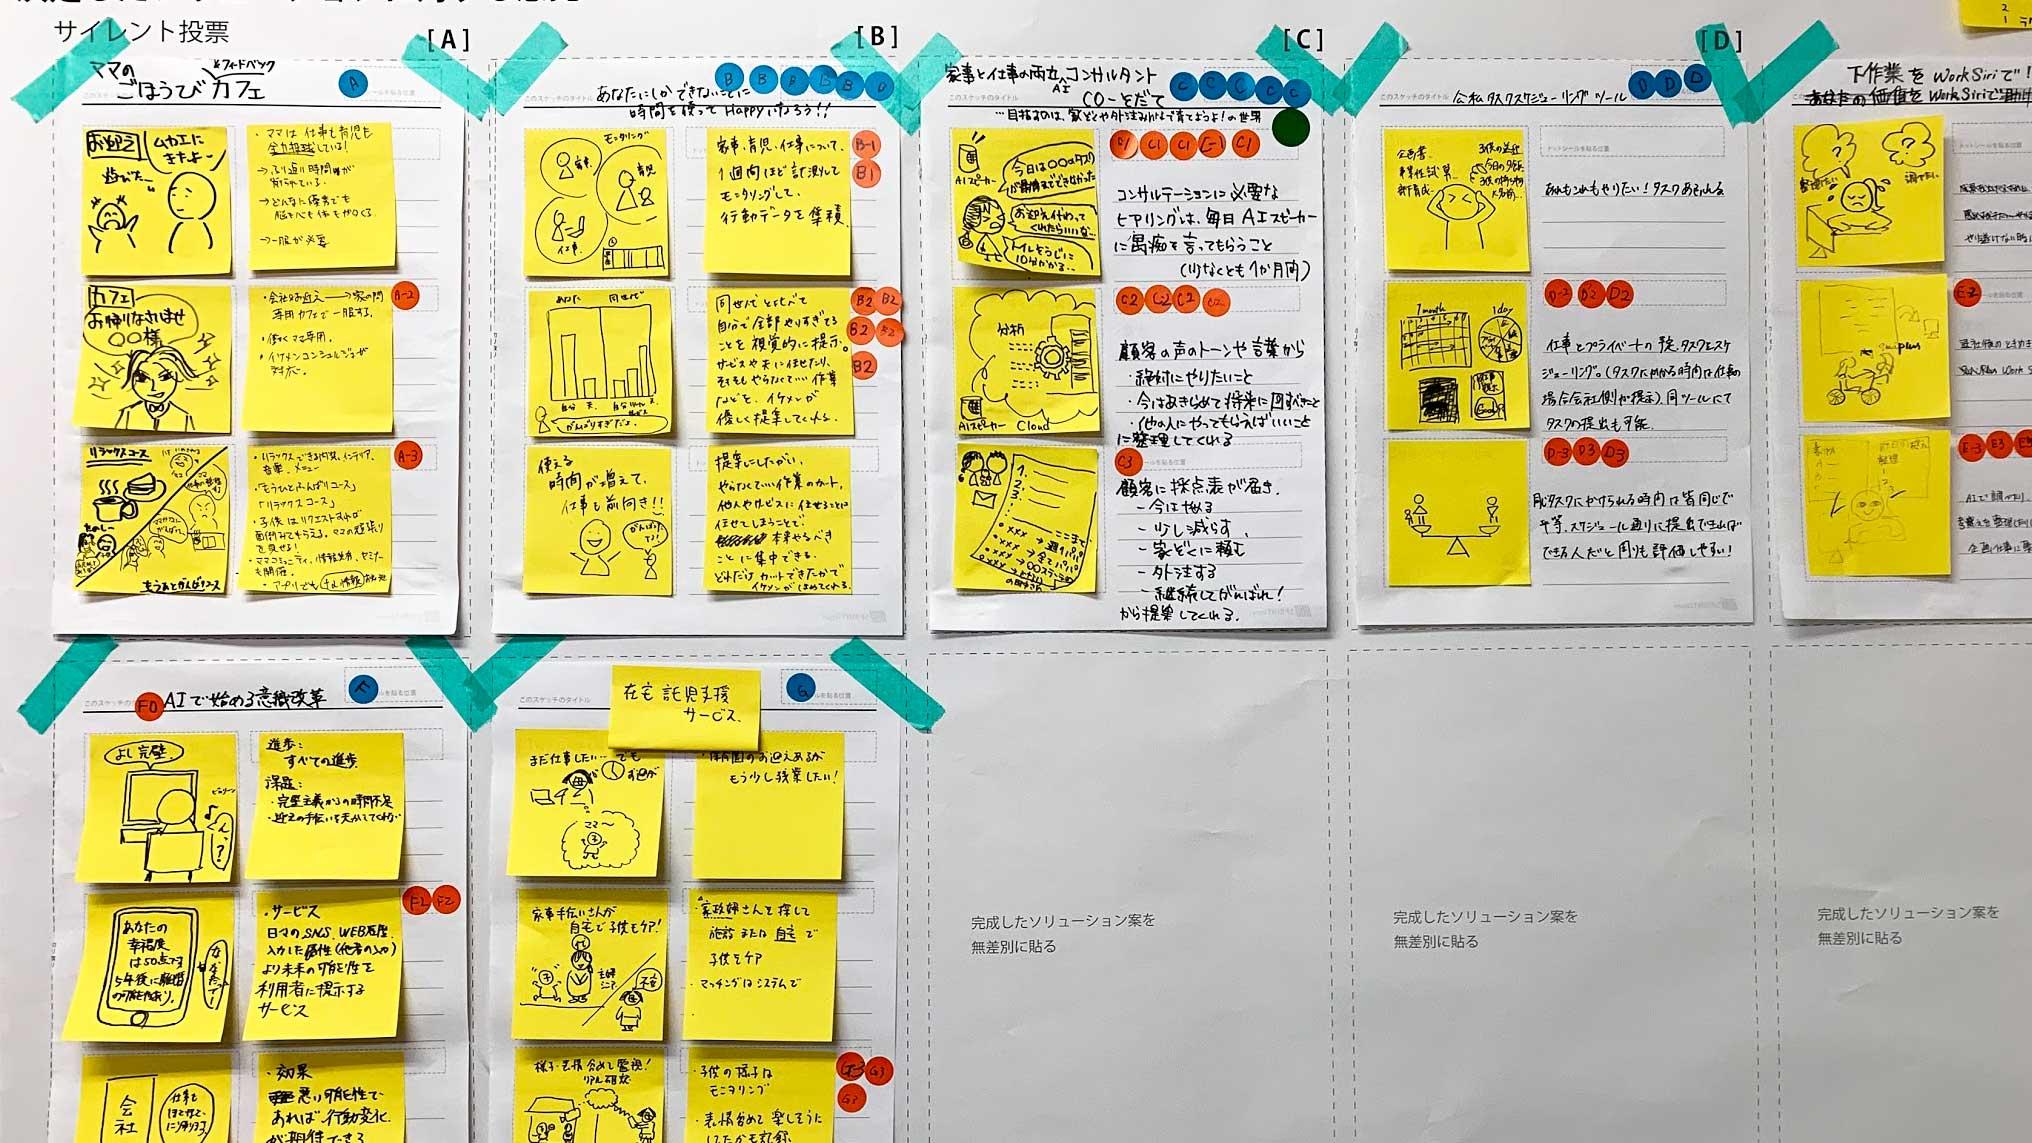 デザインスプリント3.0のフェーズ4 : 決定する